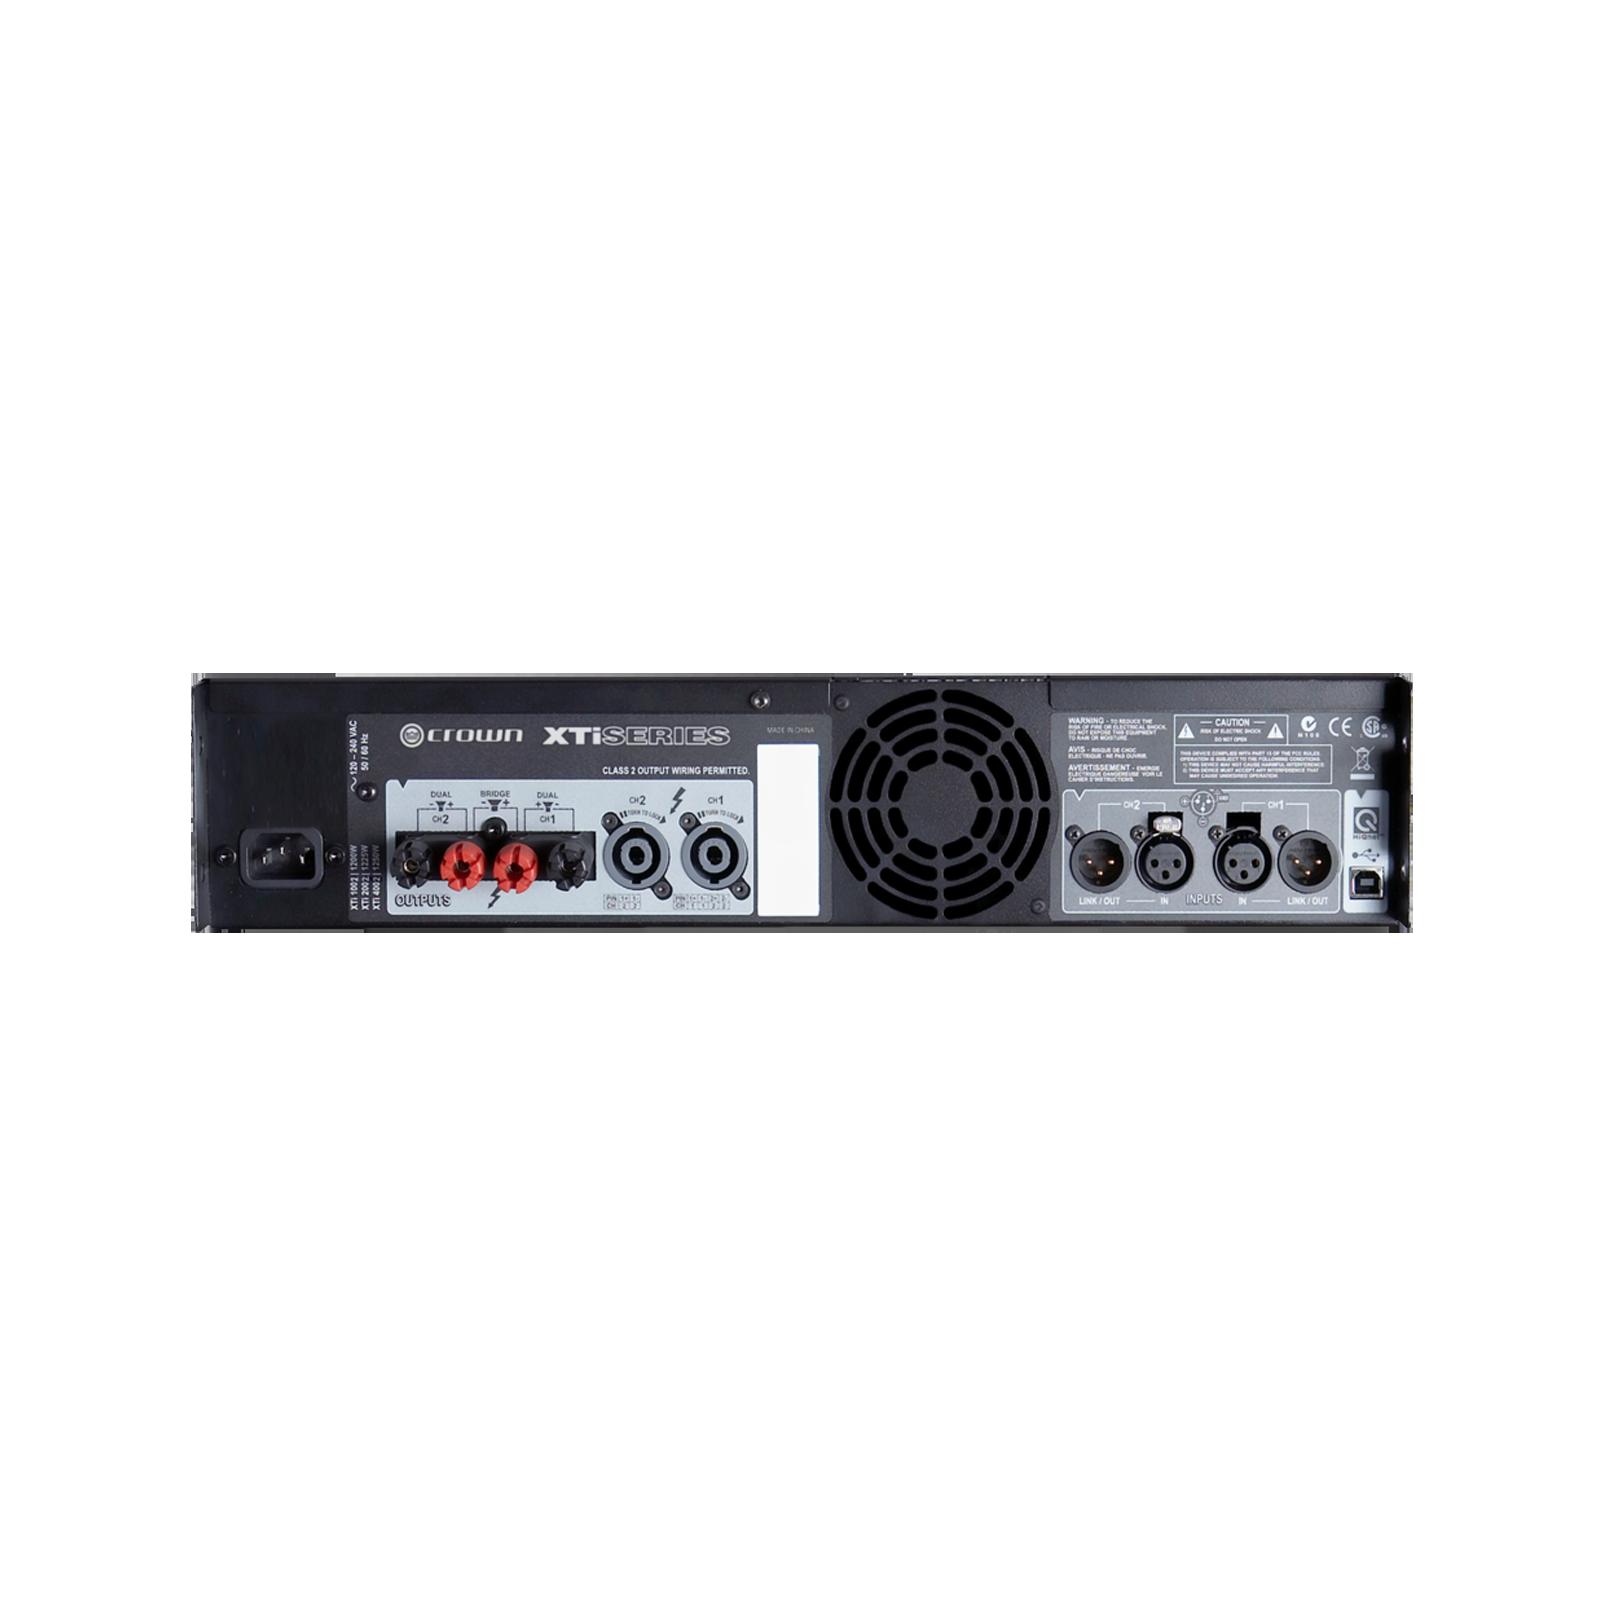 XTi 1002 - Grey - Two-channel, 500W power amplifier - Back